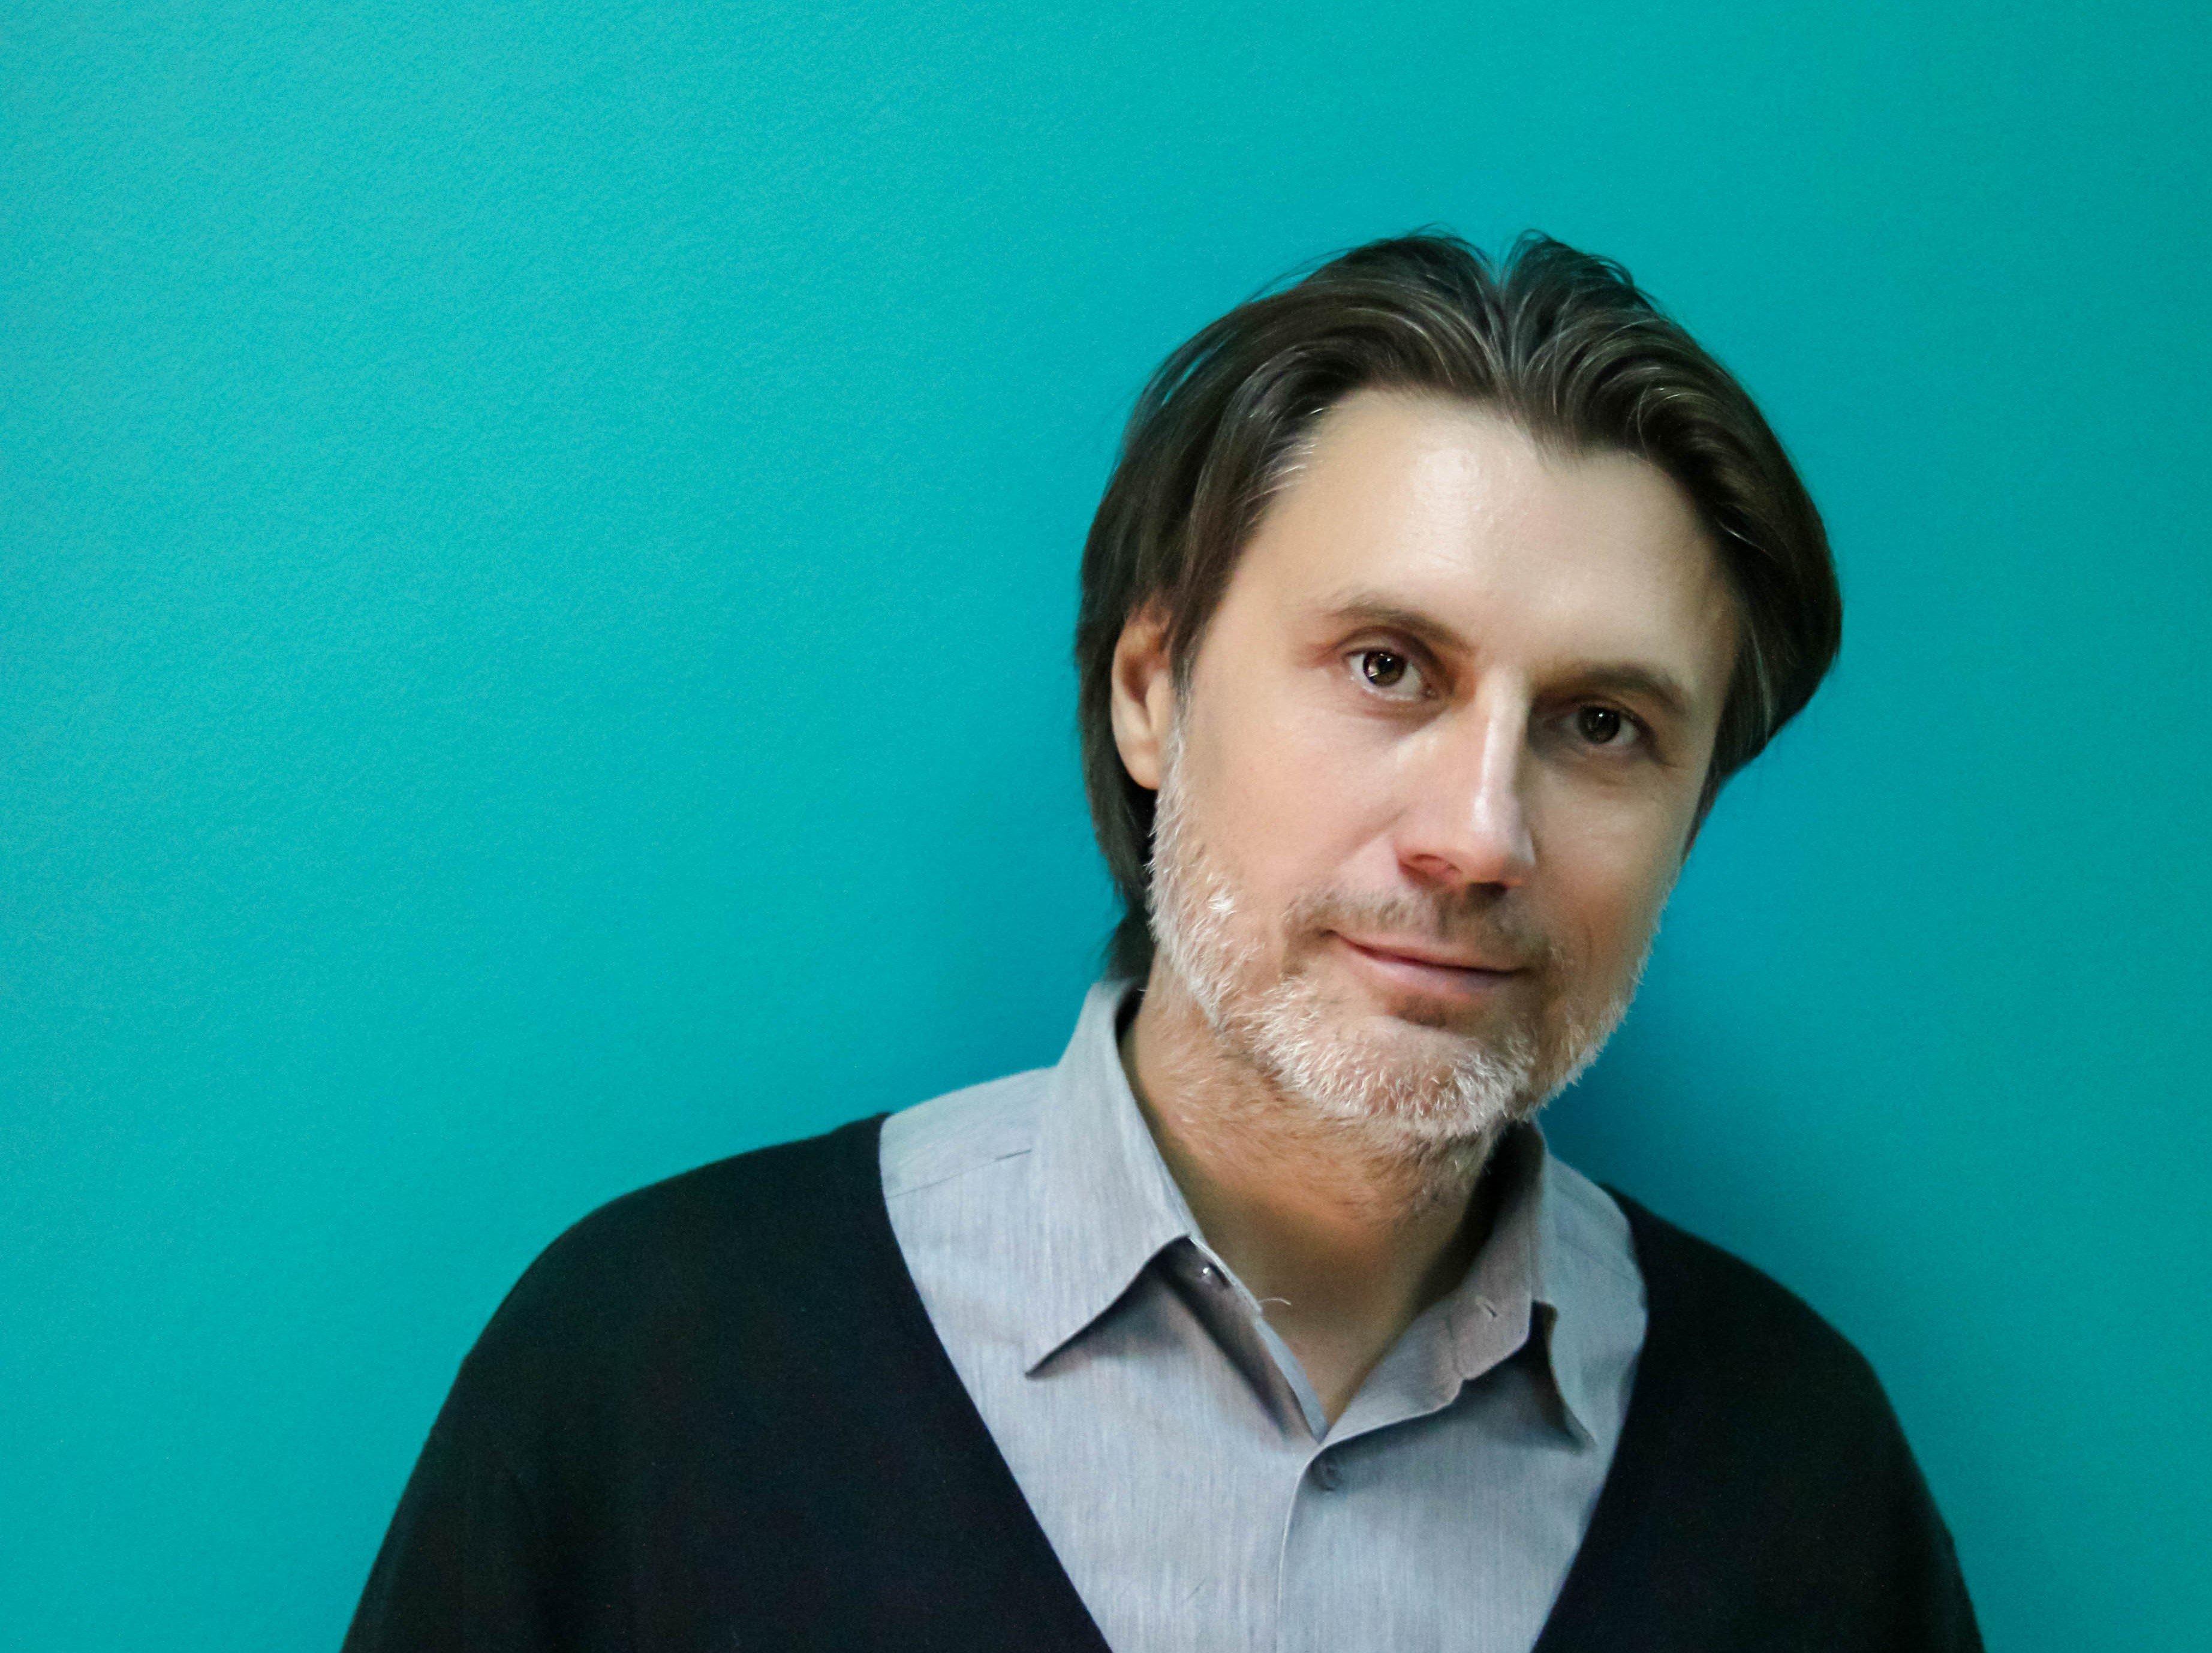 奥布拉兹佐夫国家木偶中央模范剧院总导演、俄罗斯戏剧艺术学院导演和艺术家讲座负责人鲍里斯·康斯坦丁诺夫